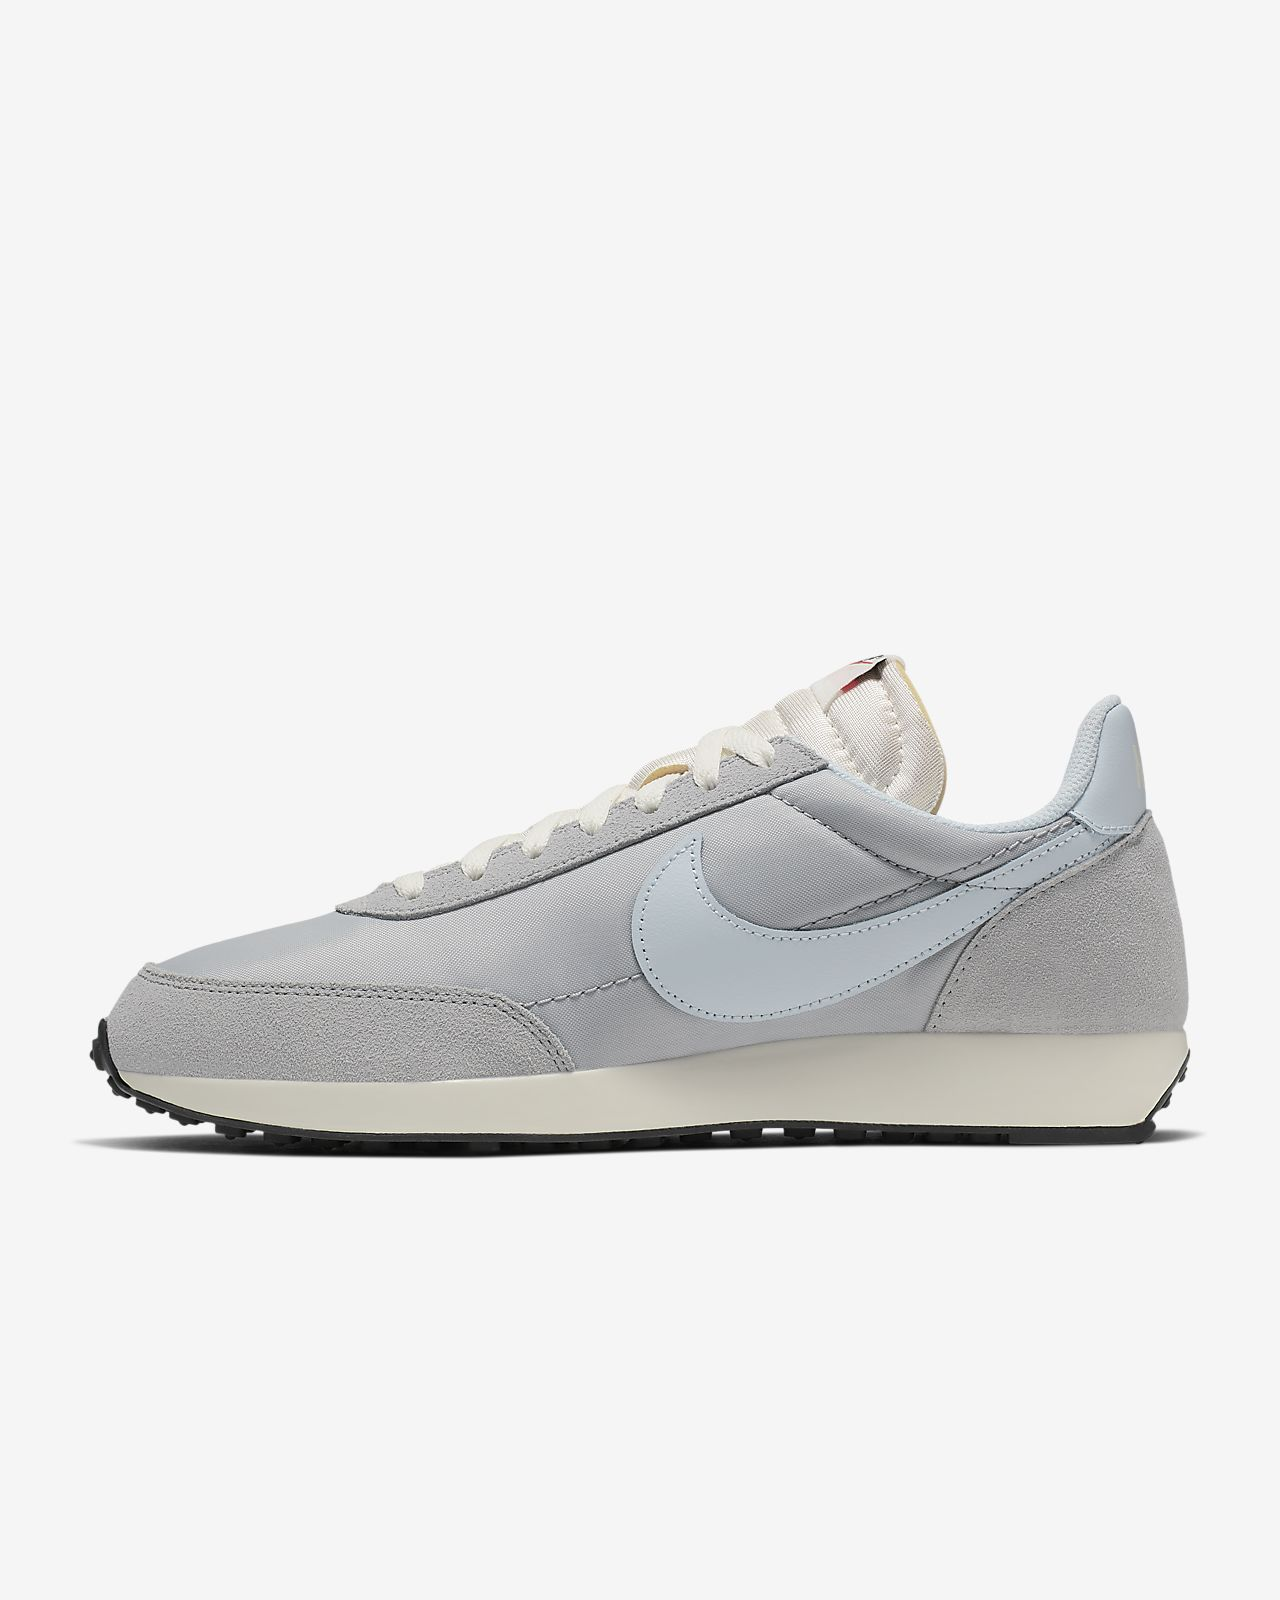 Nike Air Tailwind 79 sko